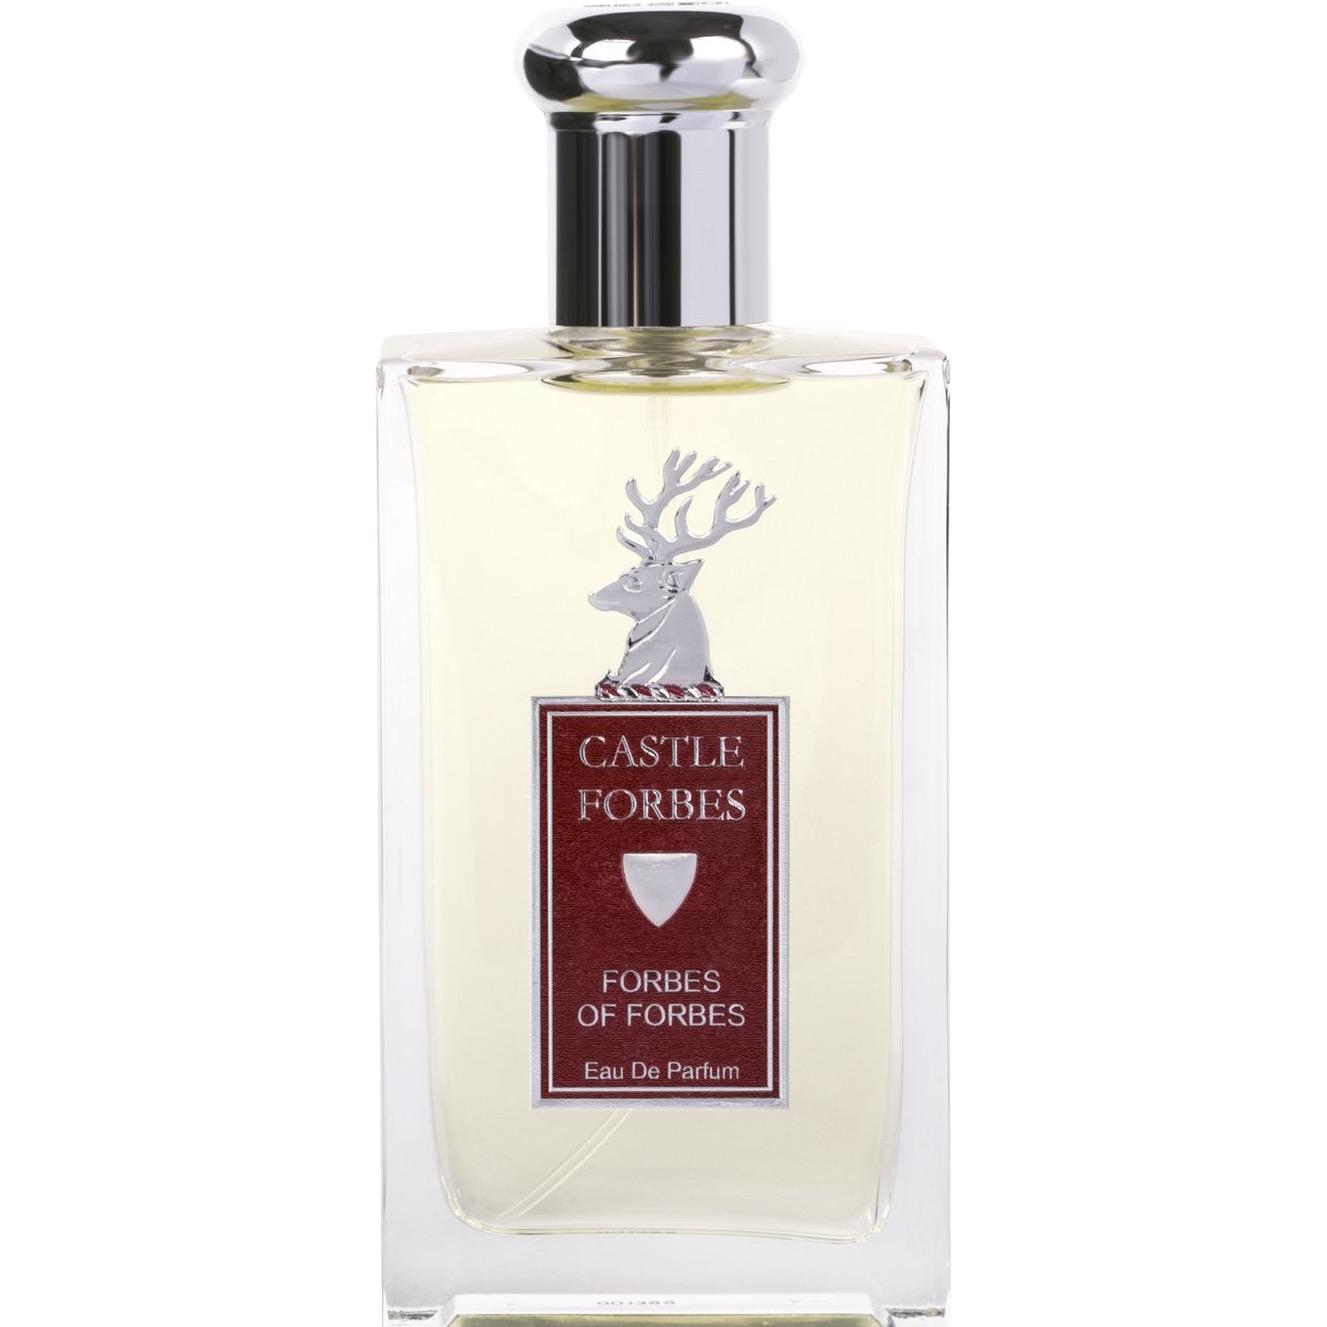 Eau de Parfum Forbes of Forbes